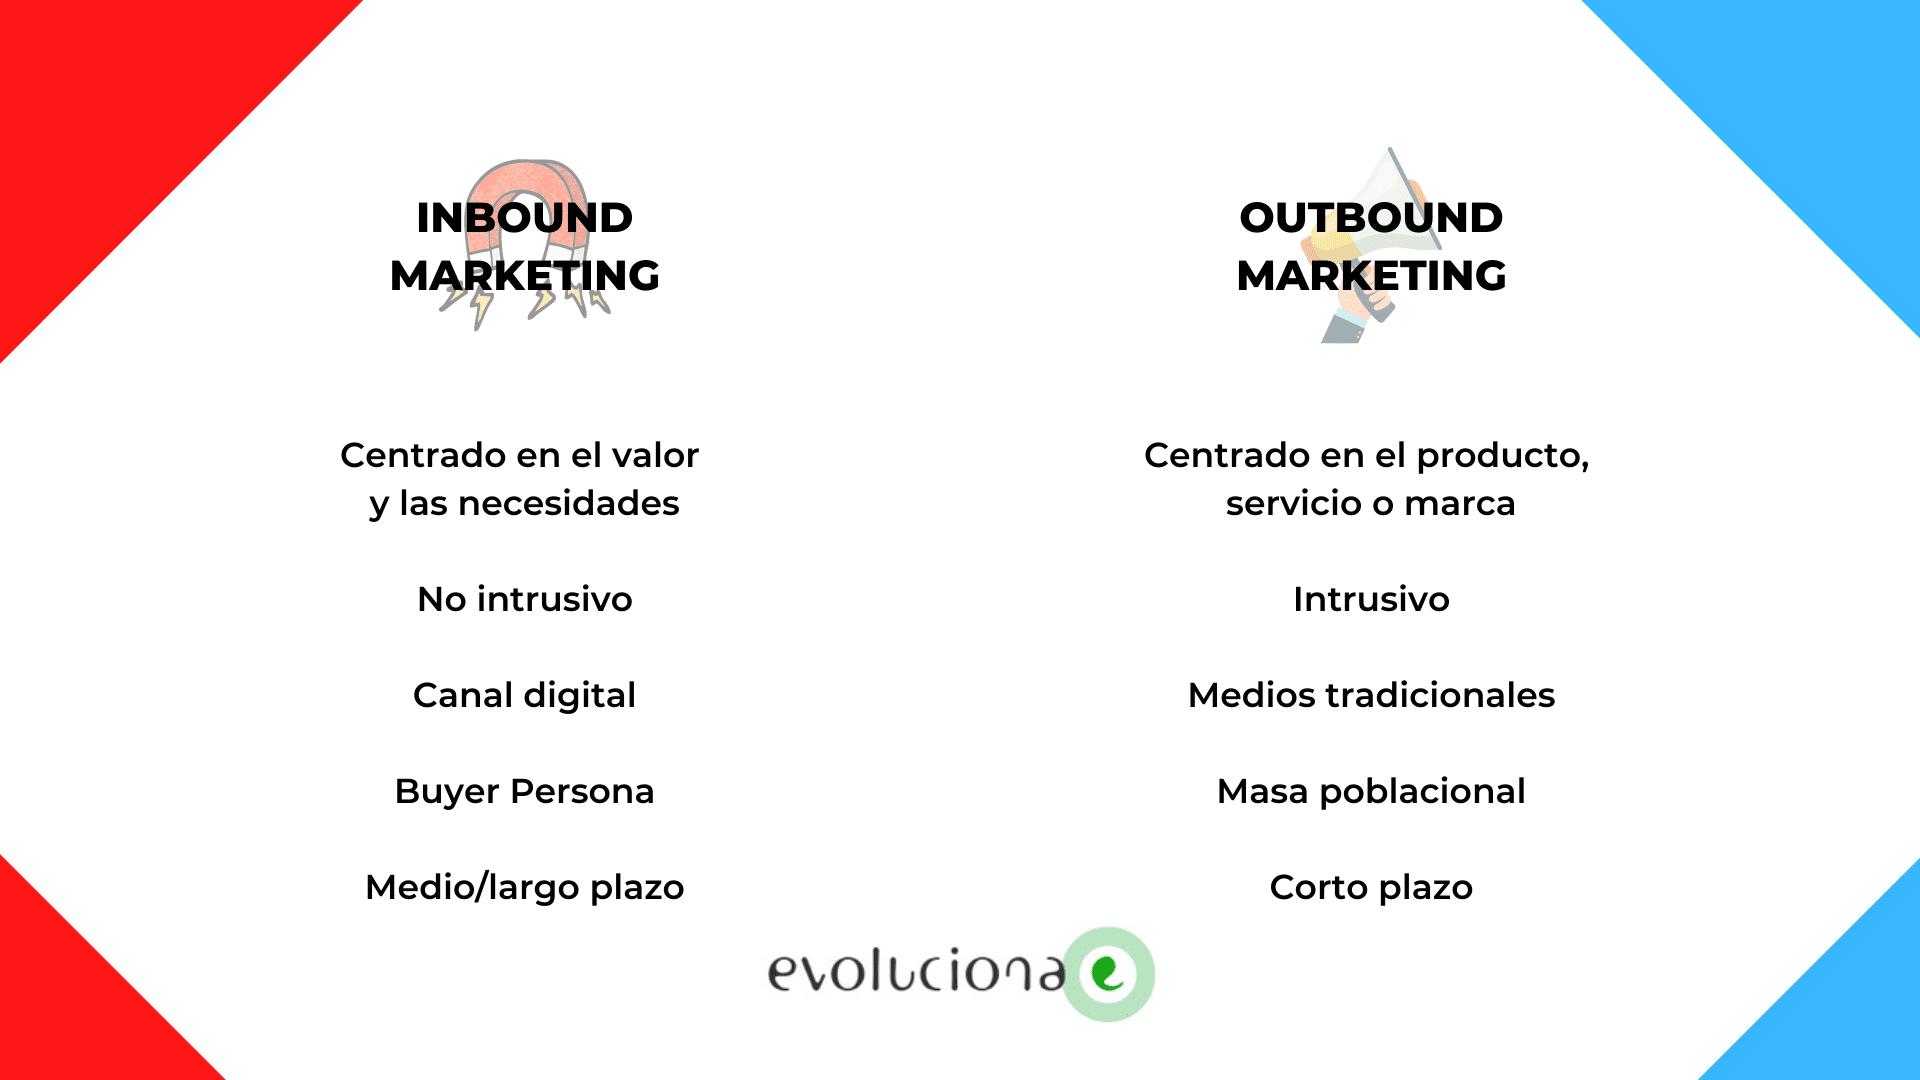 inboound marketing y outbound marketing: diferencias